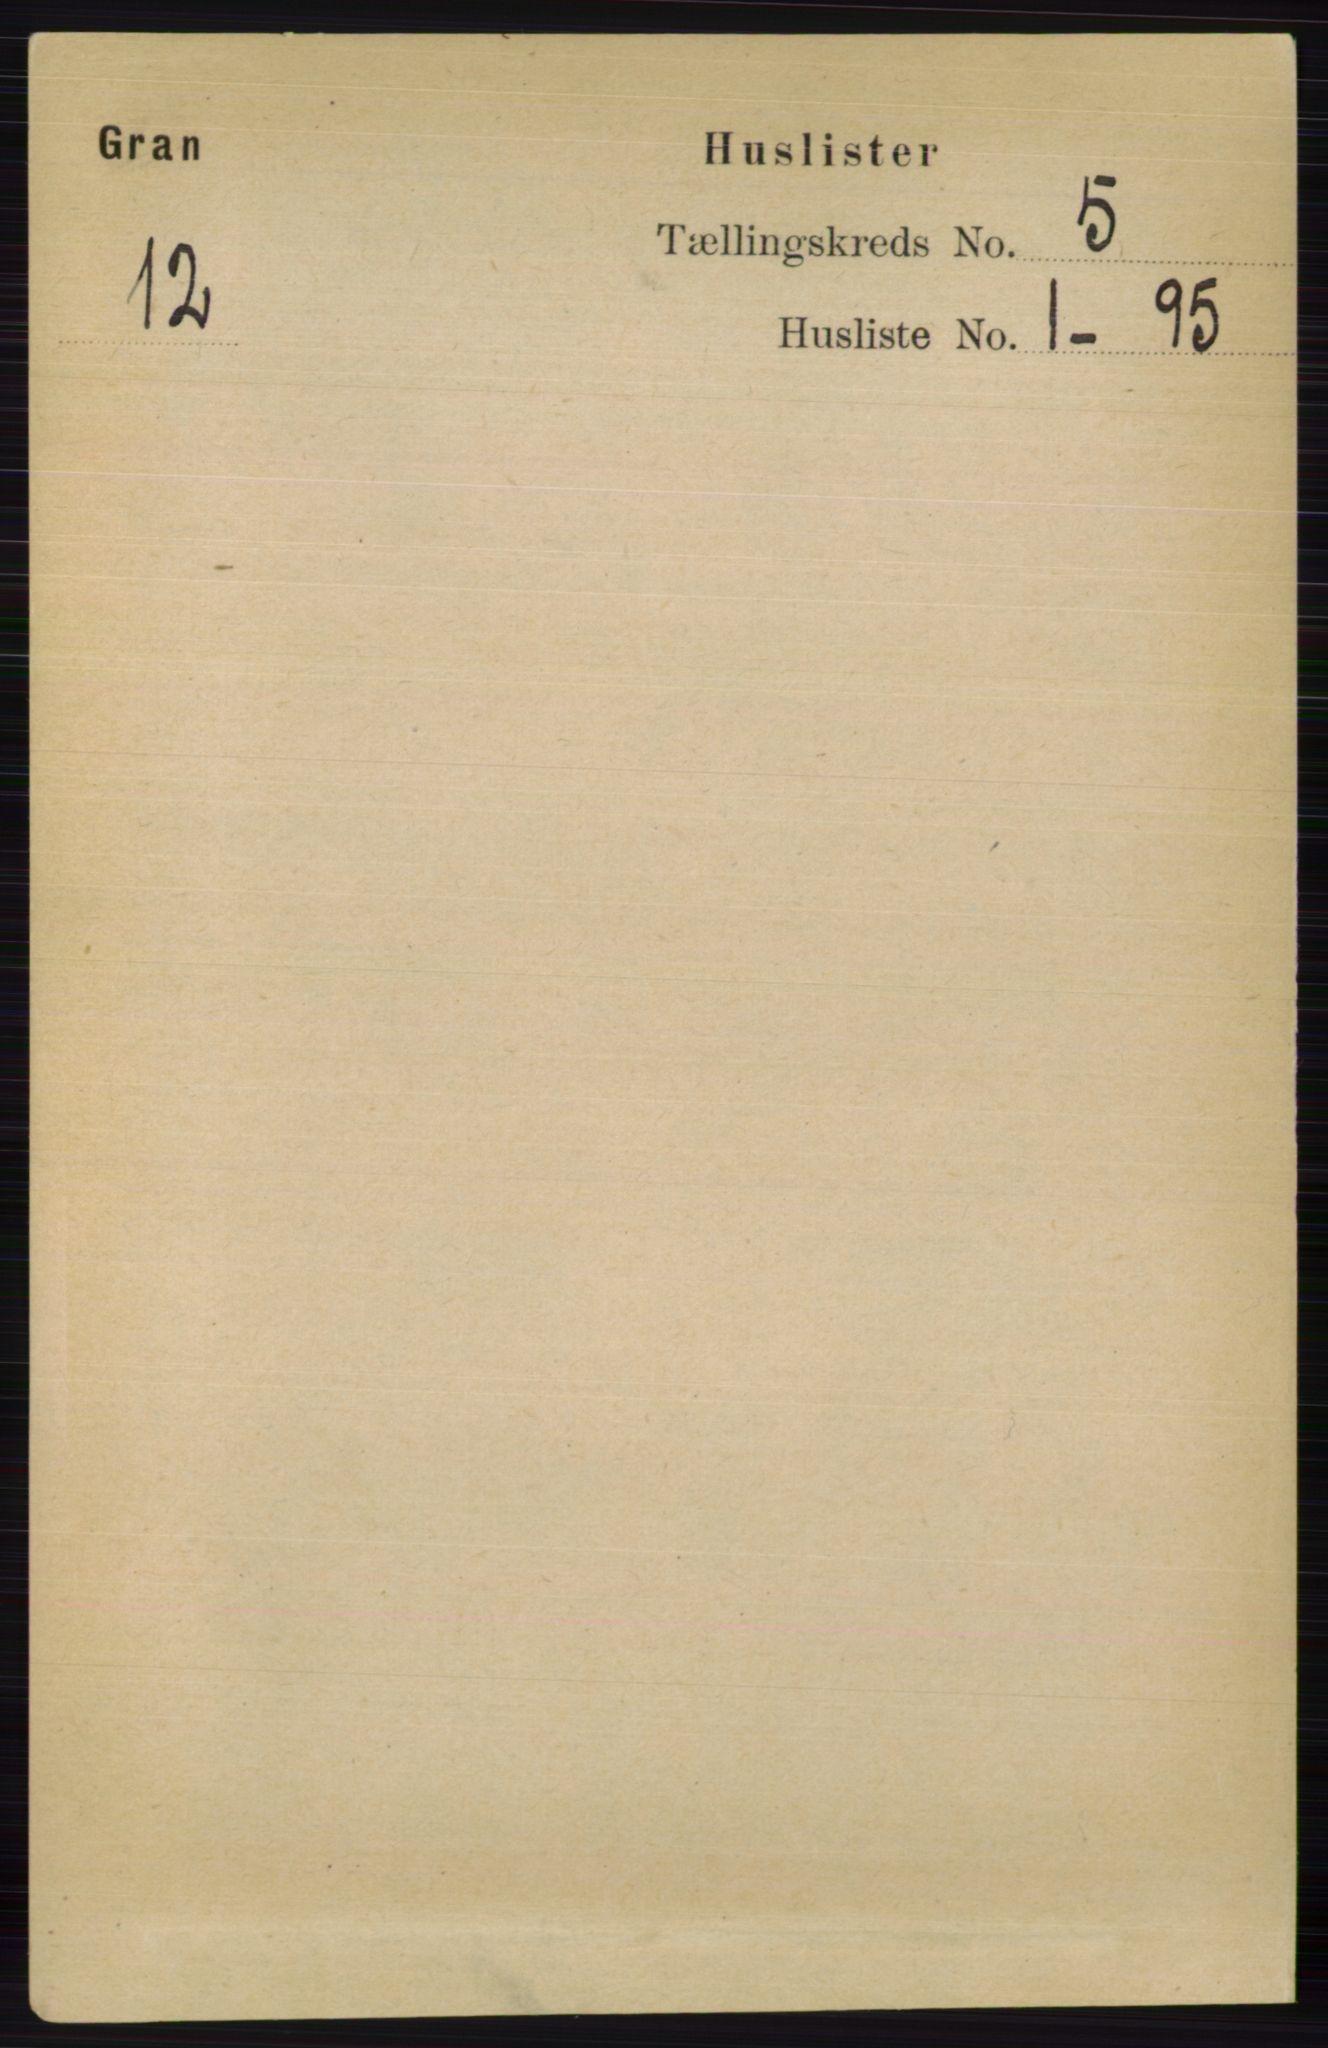 RA, Folketelling 1891 for 0534 Gran herred, 1891, s. 1516